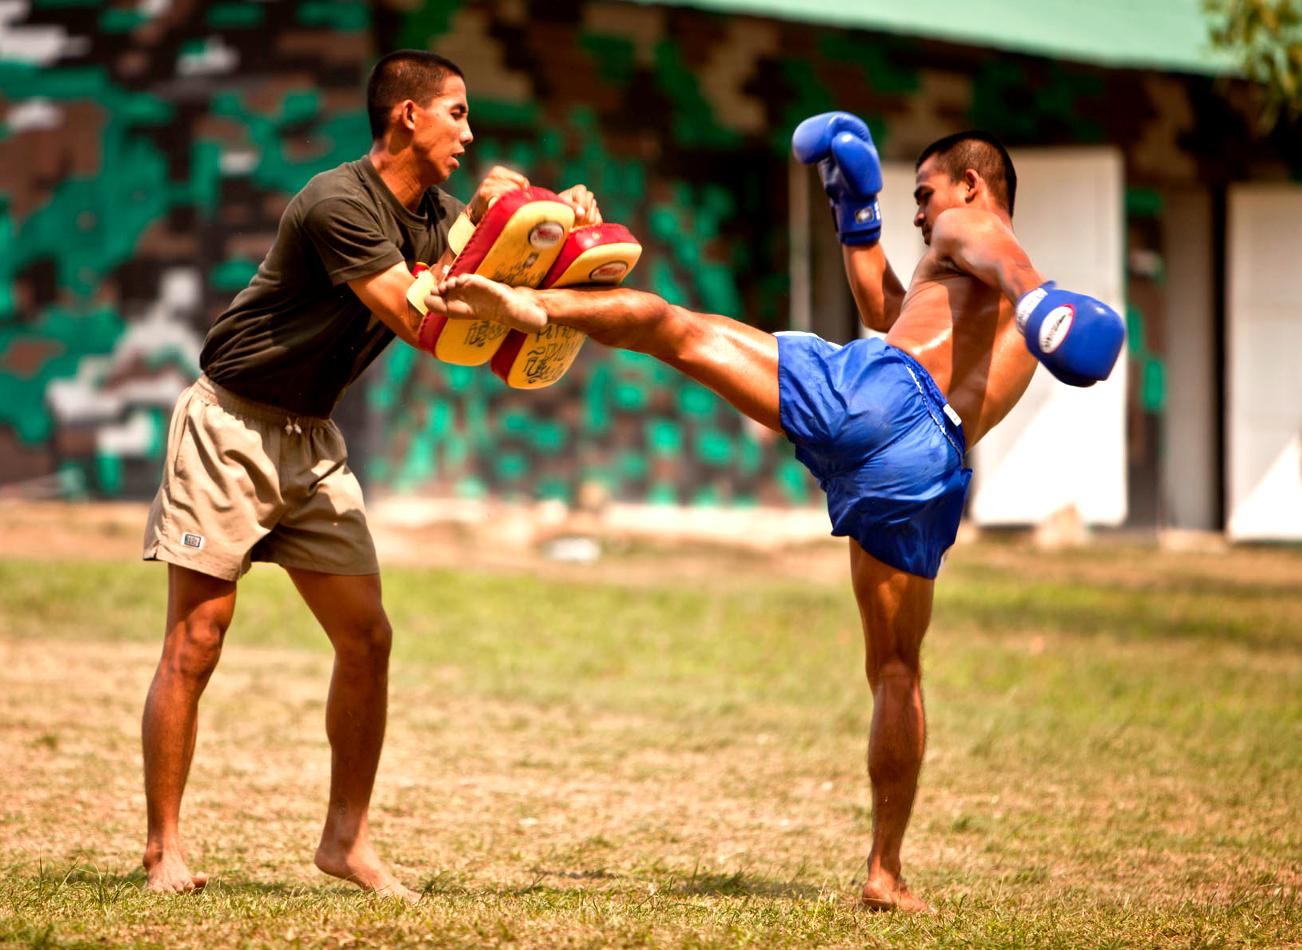 cours de boxe thaïlandaise muay thai bangkok activites vimigo